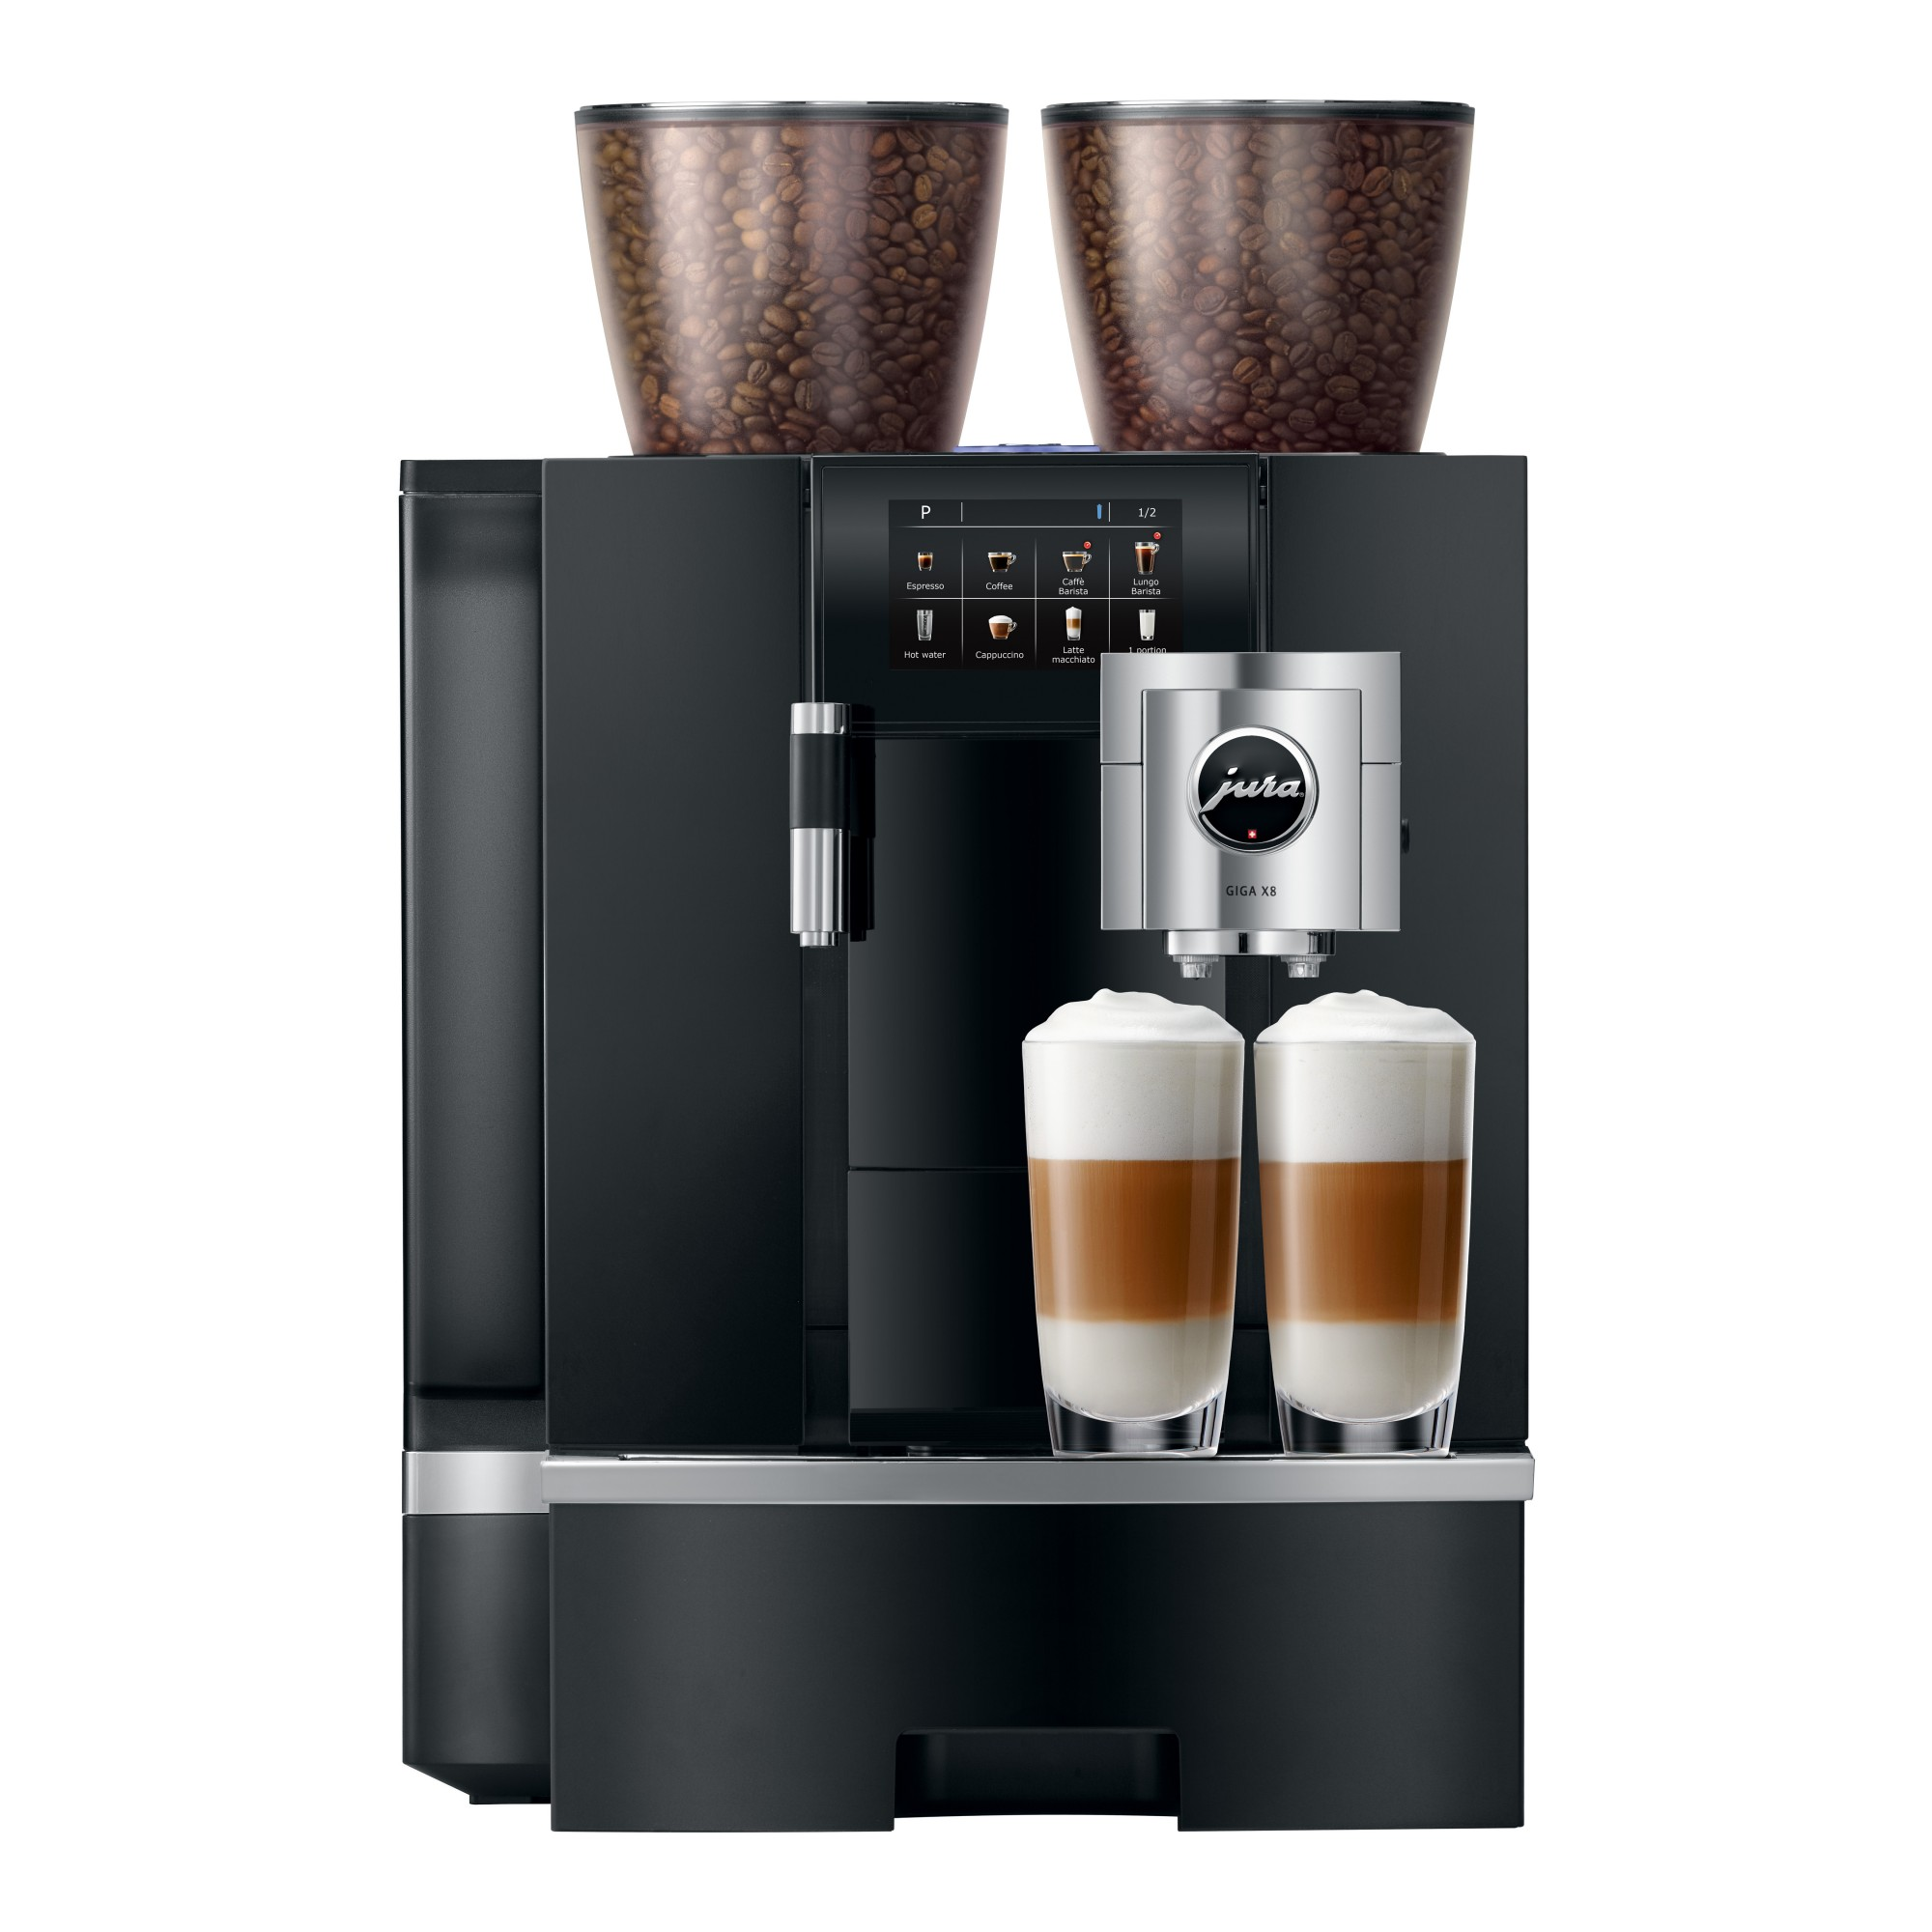 Drink Pure Africa koffie en koop de Jura GIGA X8